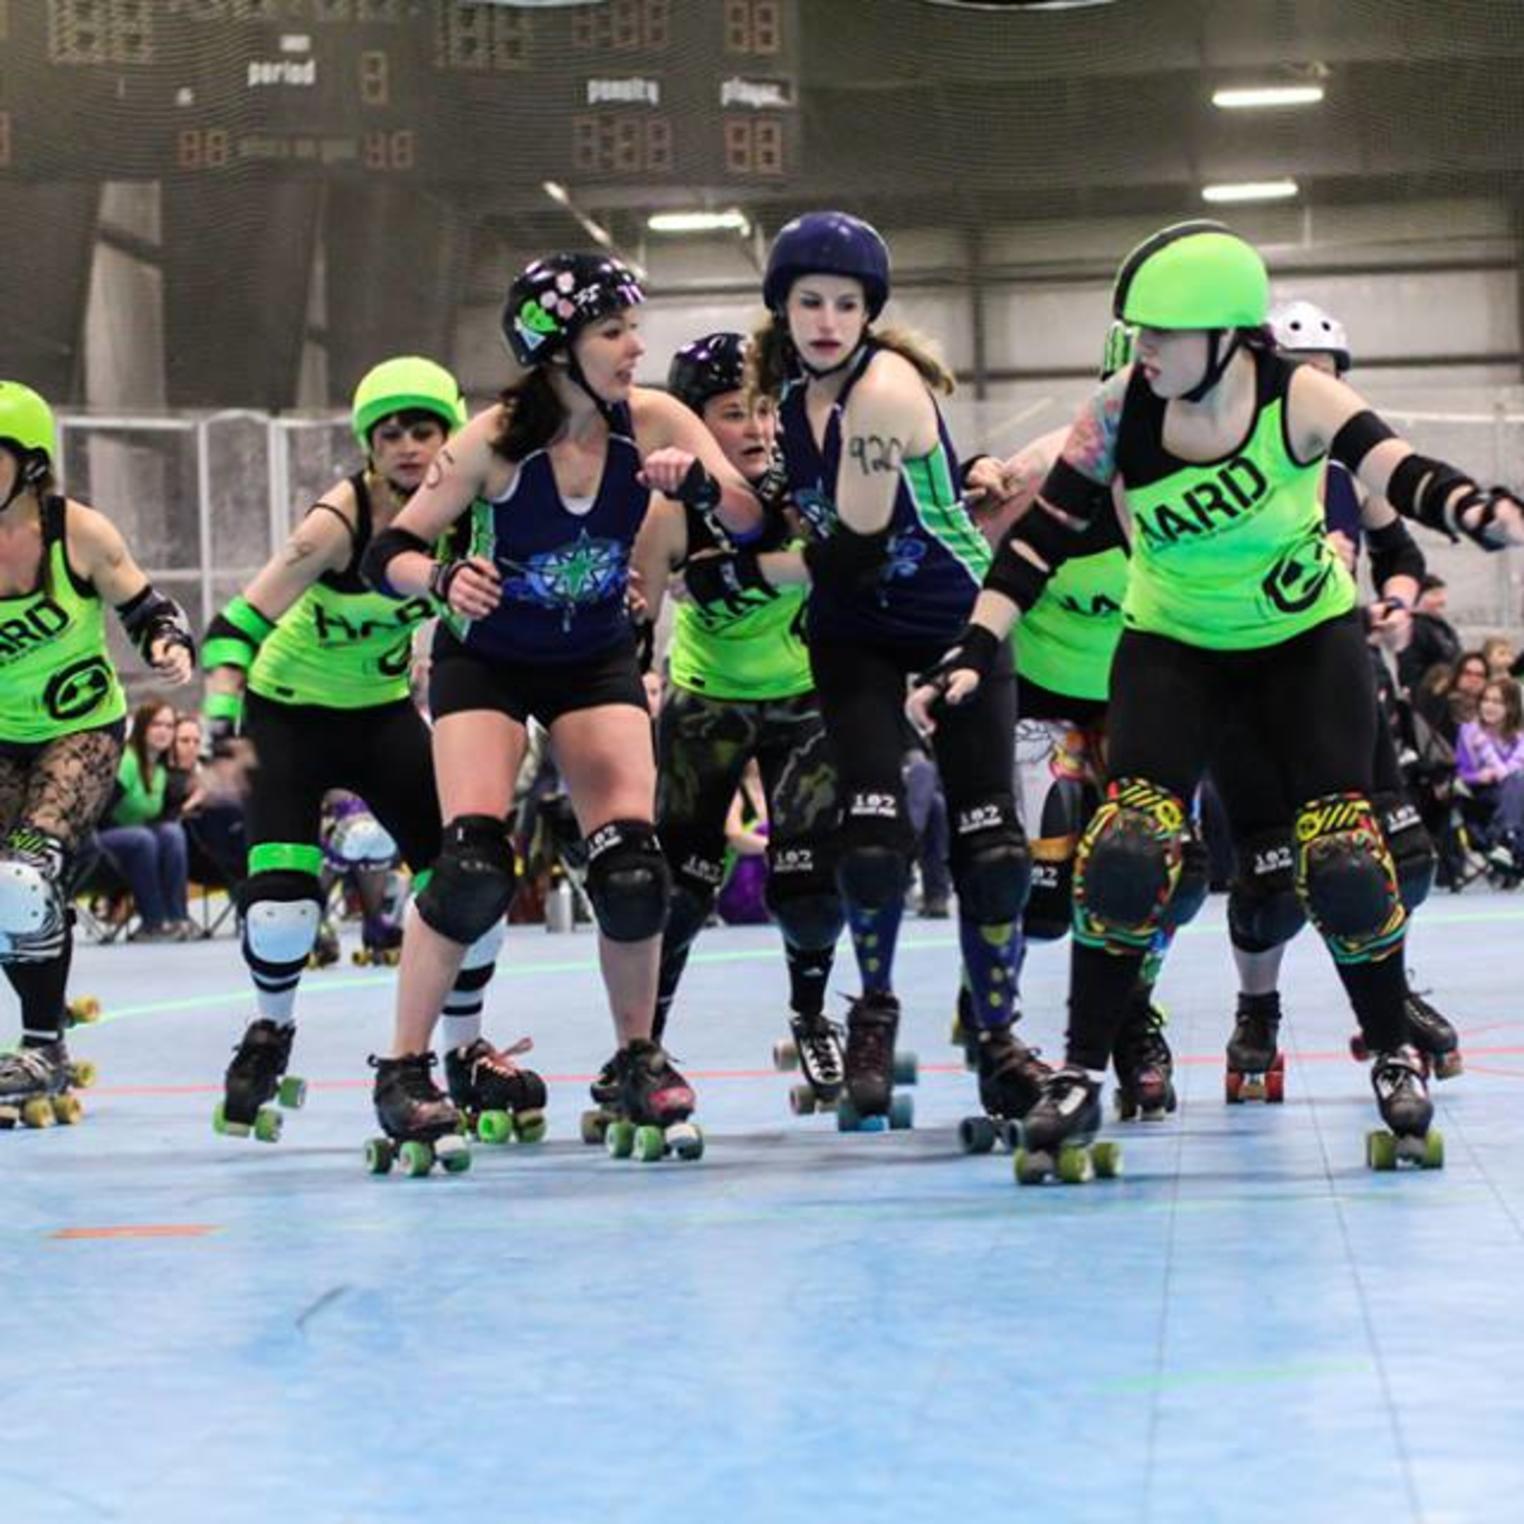 Harrisburg Area Roller Derby